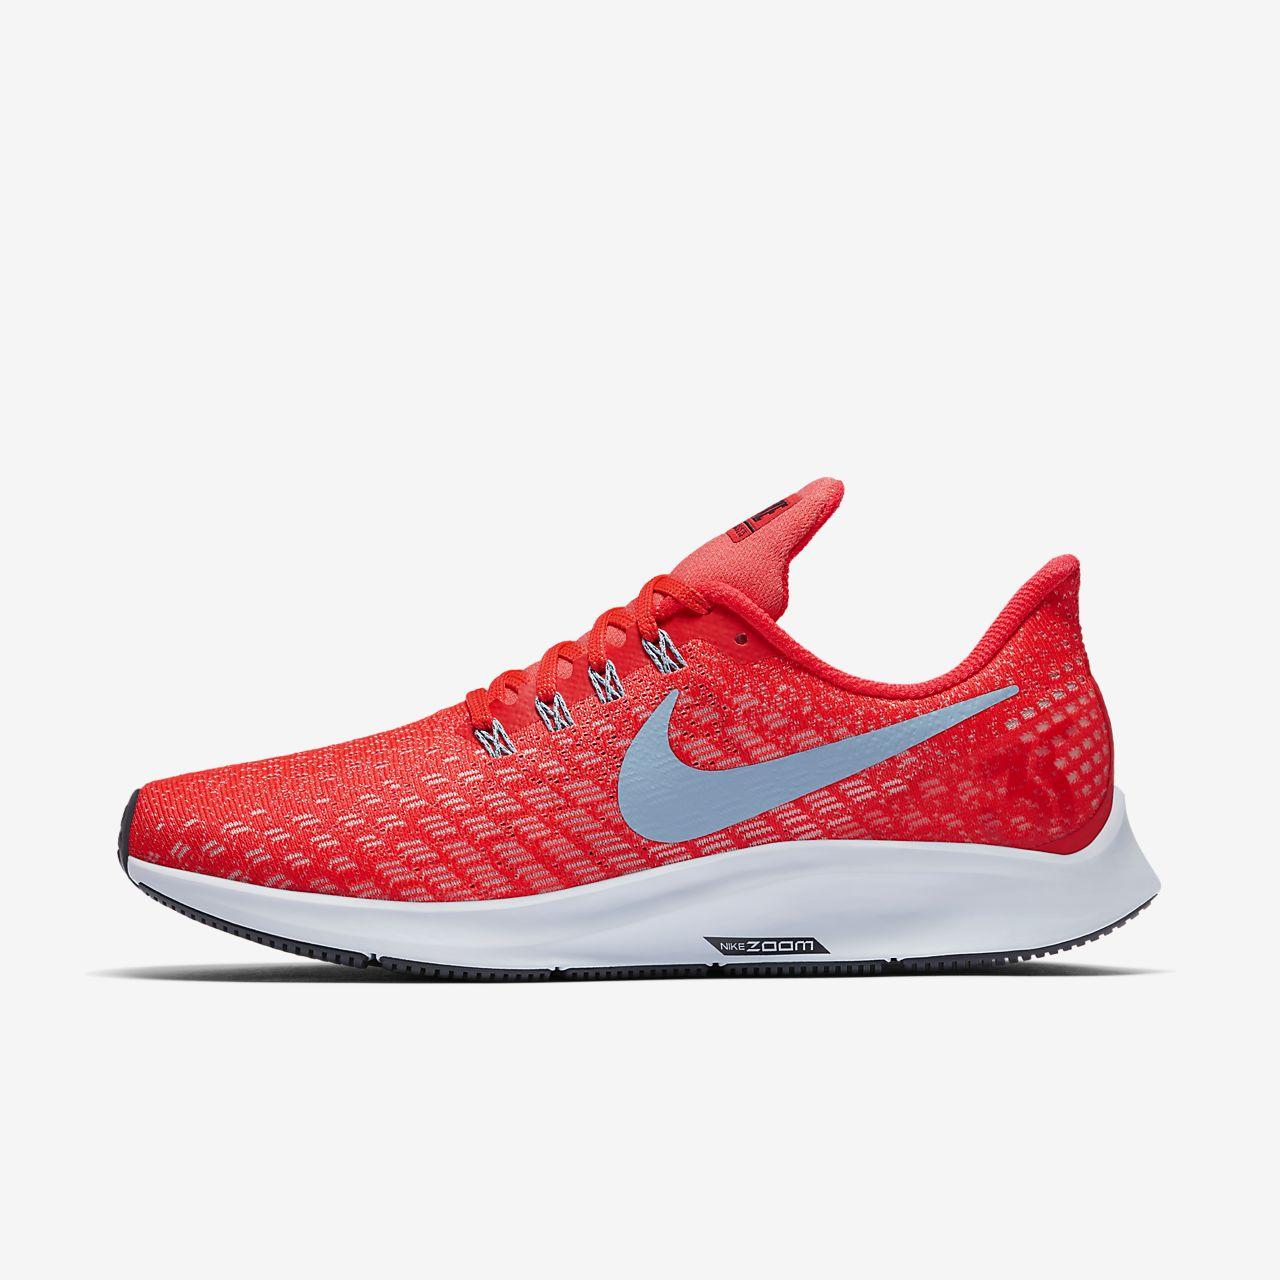 00cc8b392bbb Nike Air Zoom Pegasus 35 Women s Running Shoe. Nike.com NO